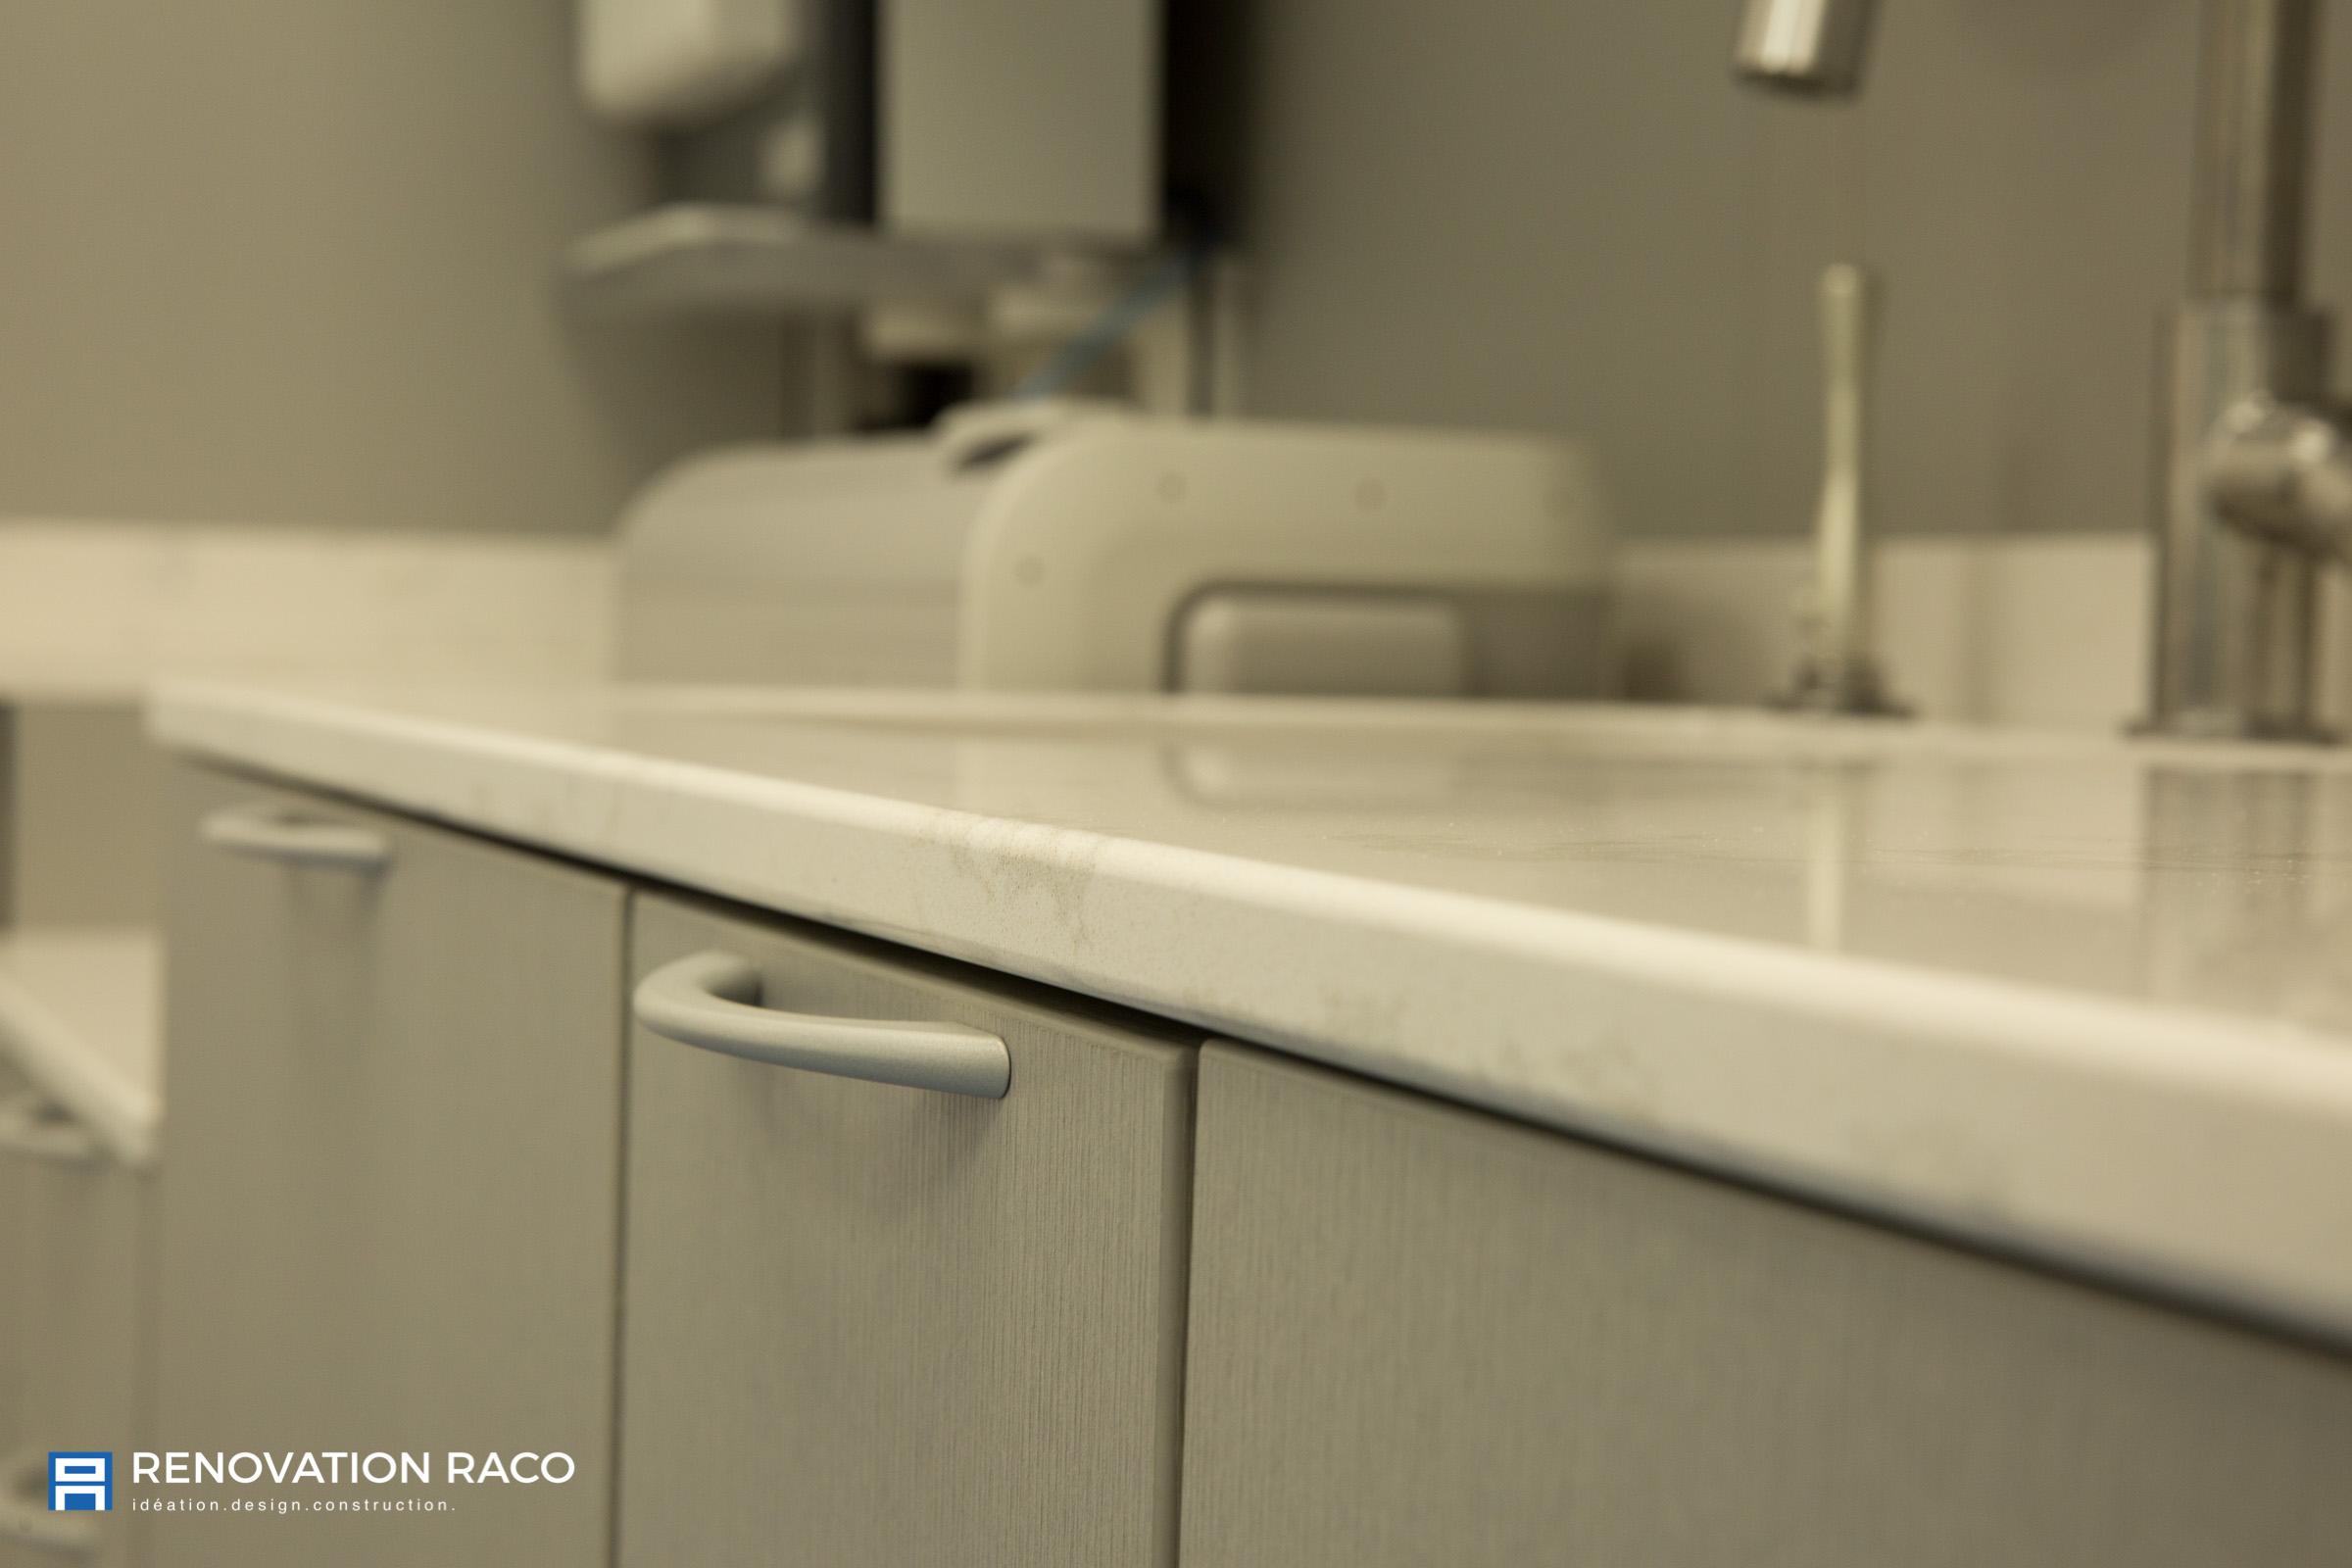 Renovation-Raco-Montreal-clinique Beydoun-12.jpg